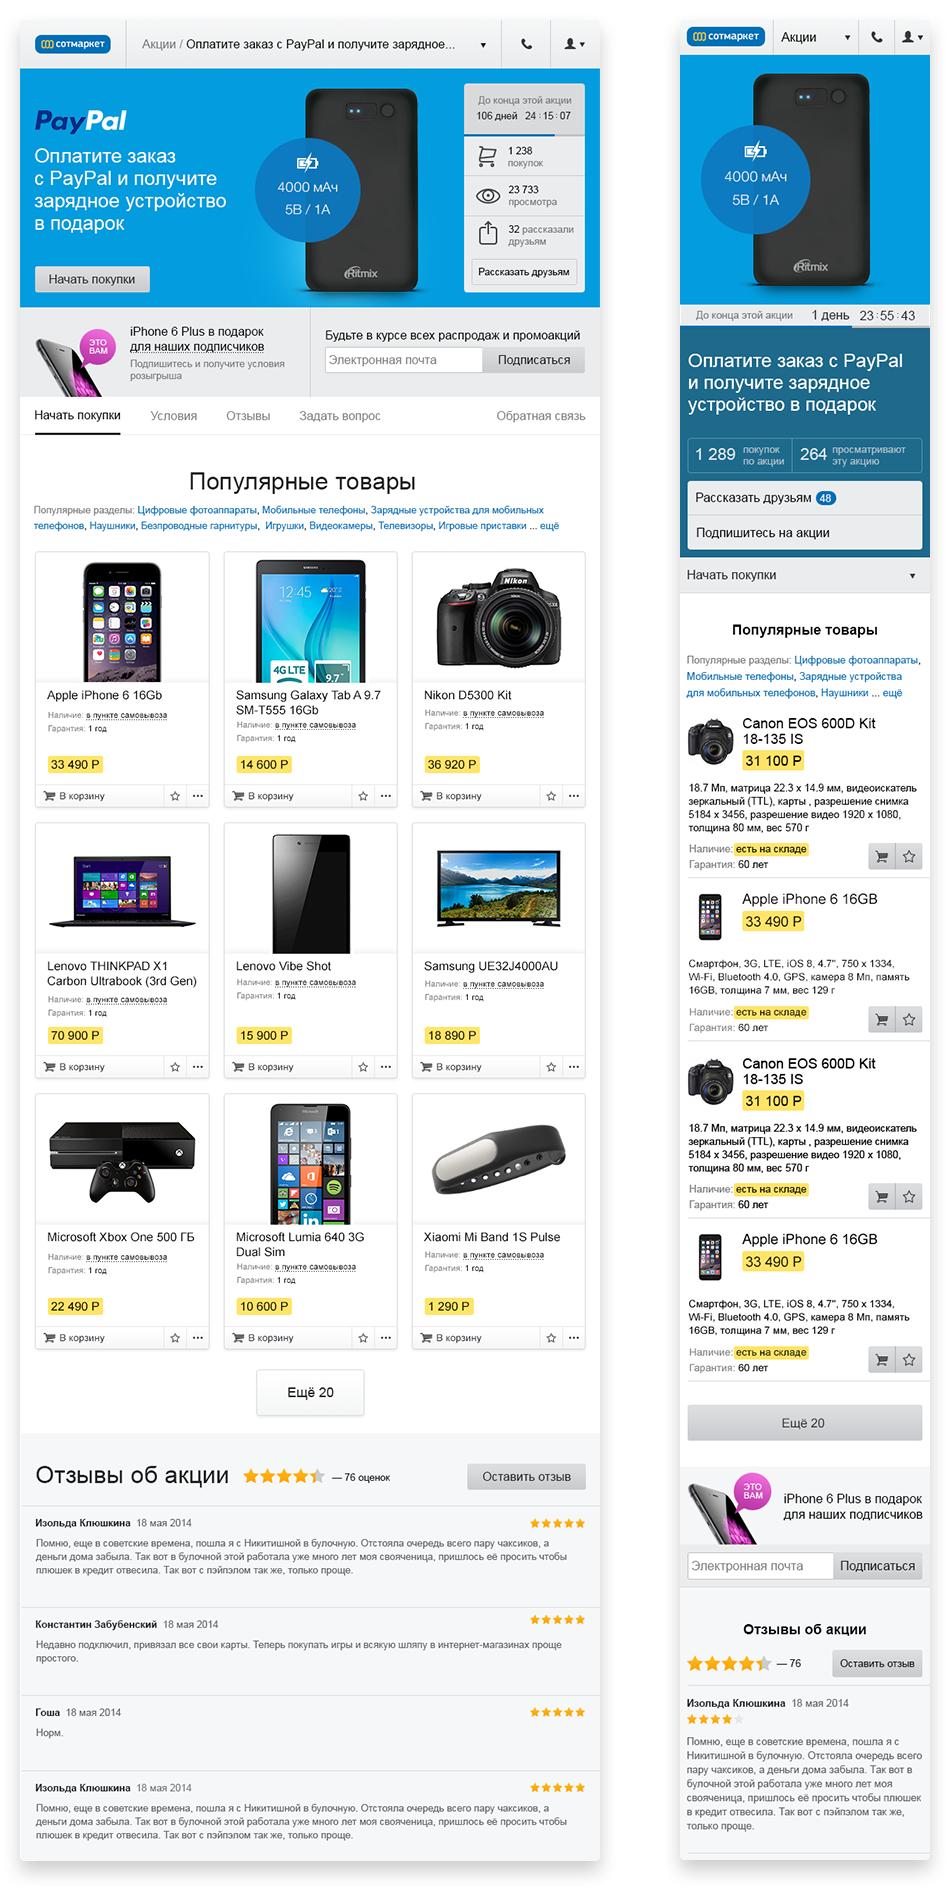 Эволюция маркетинга: от маленького интернет-магазина до гипермаркета - 4